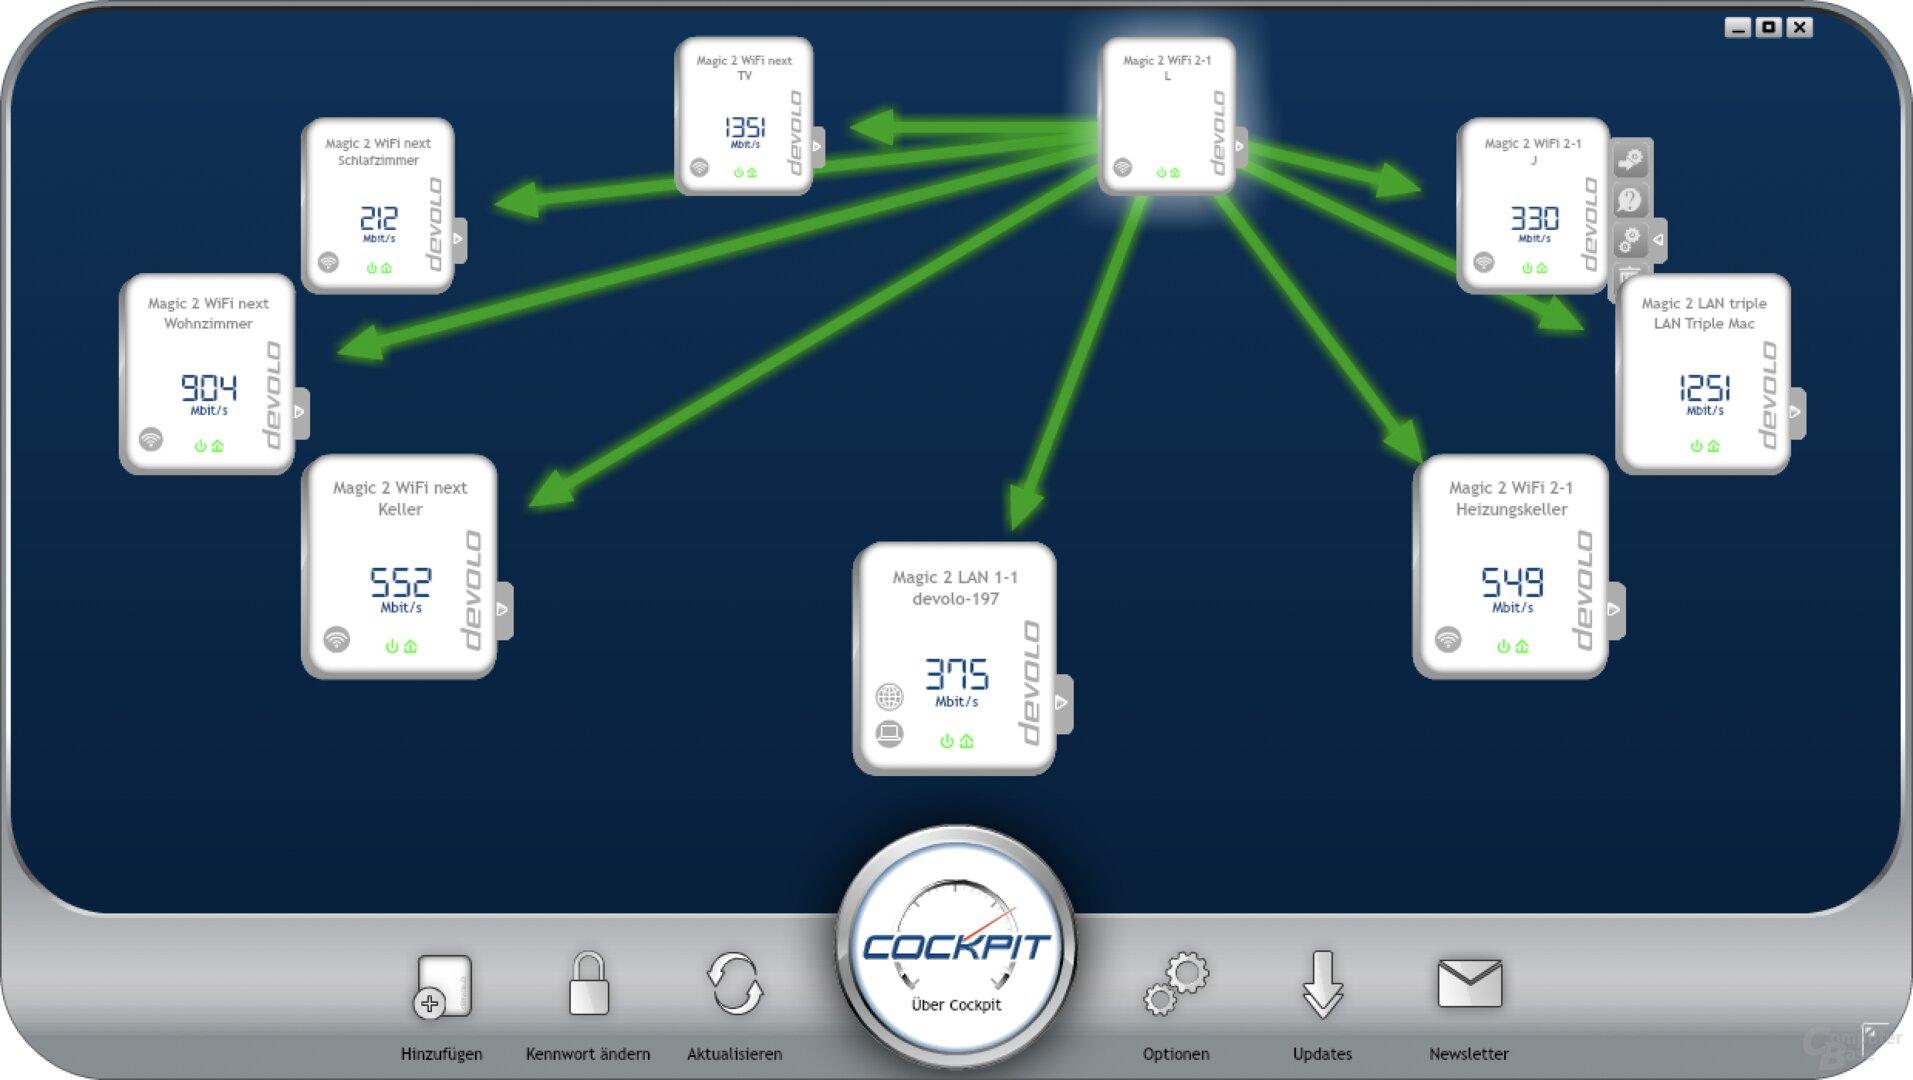 Devolo-Cockpit-Software unter Mac